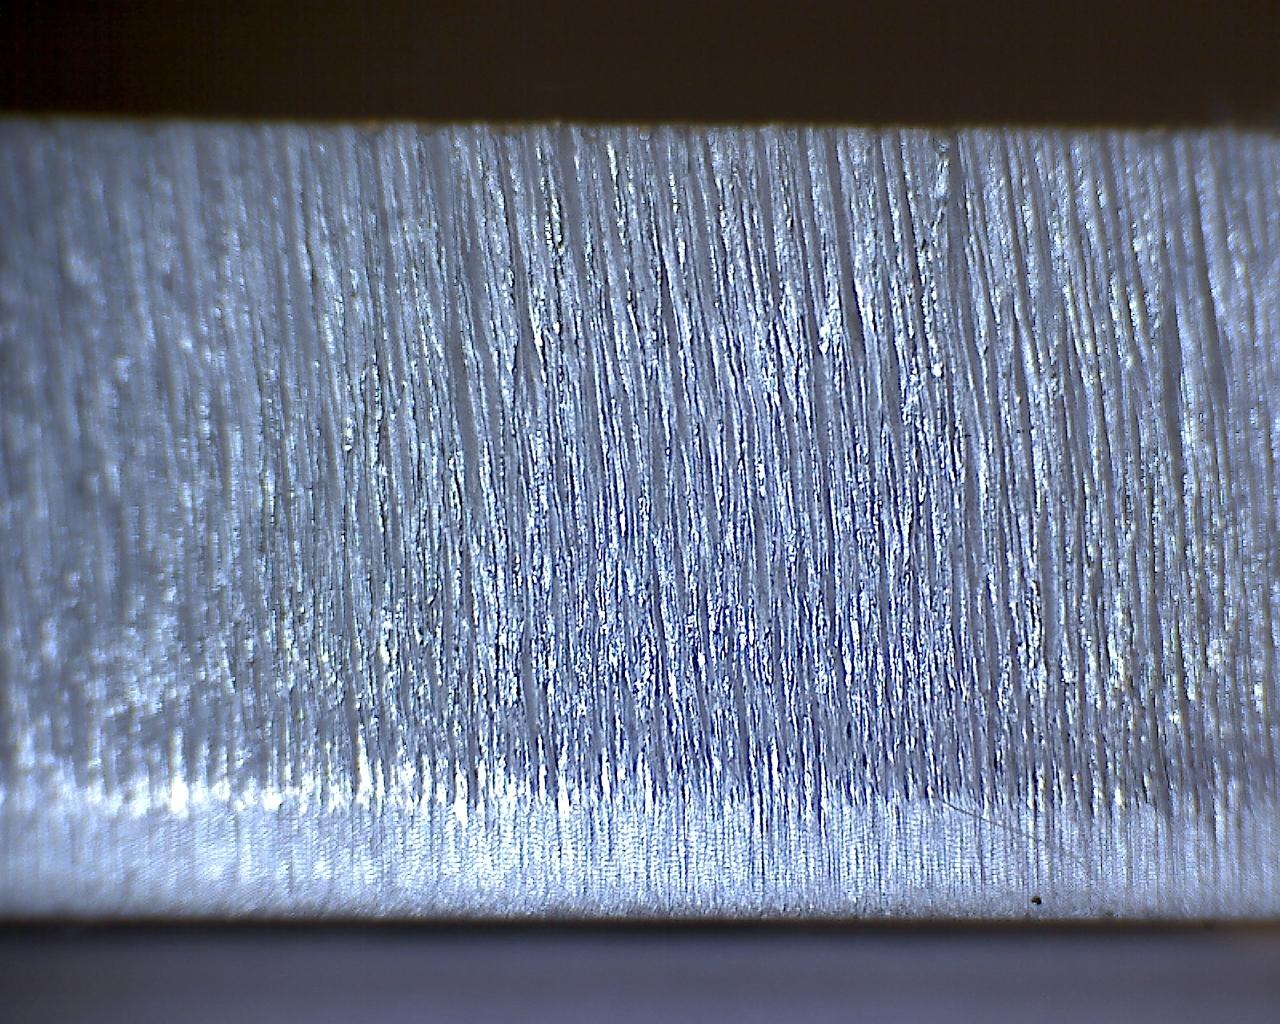 Hier ein Schnittbild von 12mm Alu mit Stickstoff geschnitten